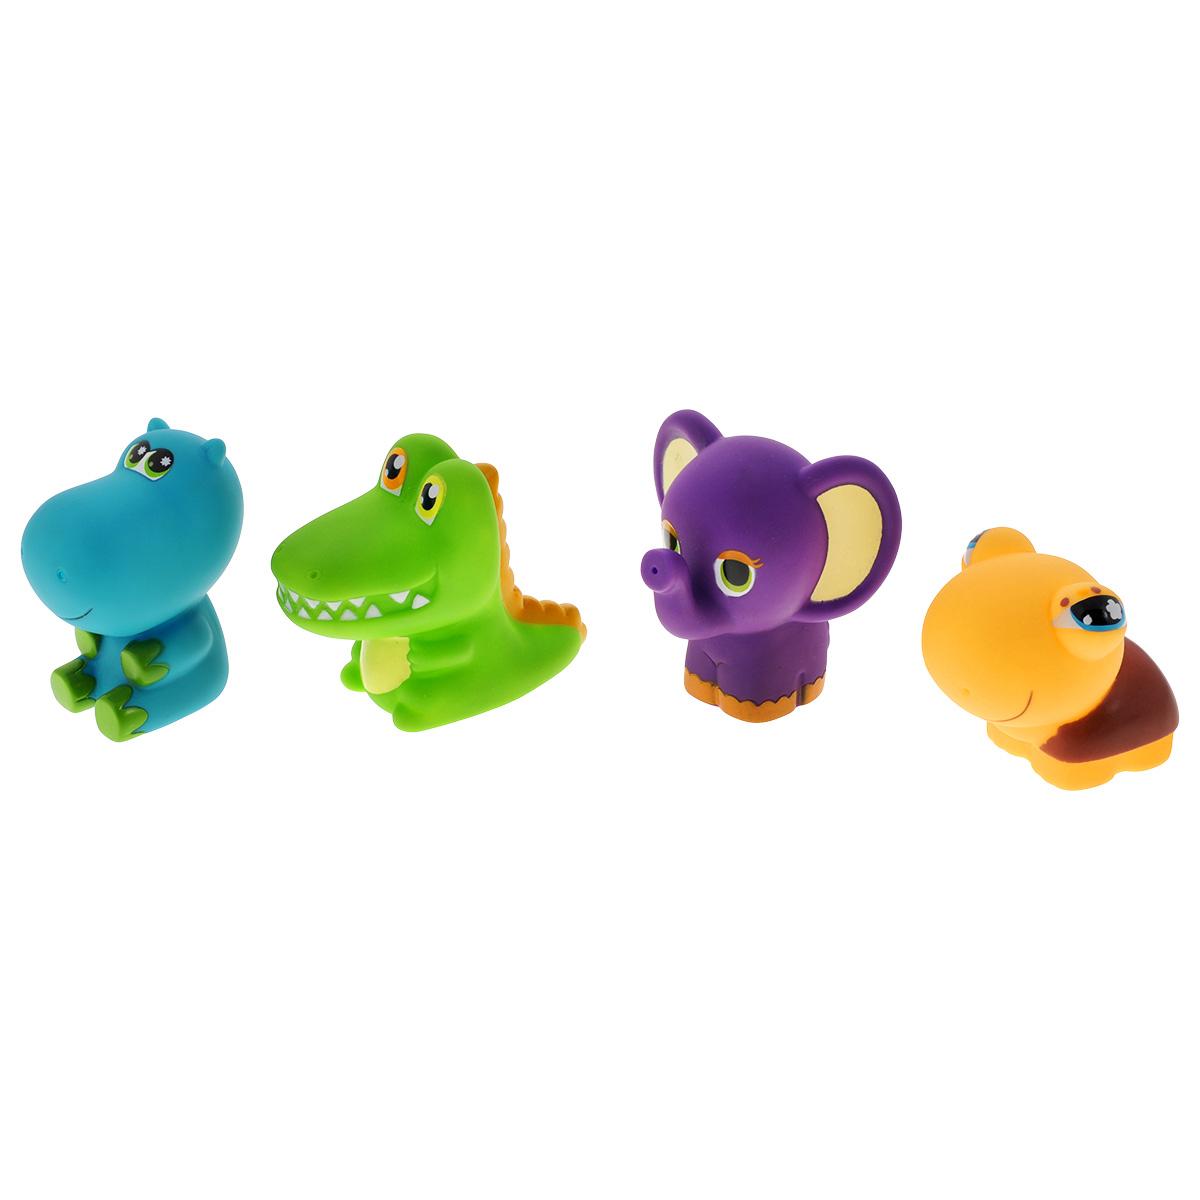 """Игровой набор для ванны Mioshi """"Забавные малыши"""", 4 шт"""